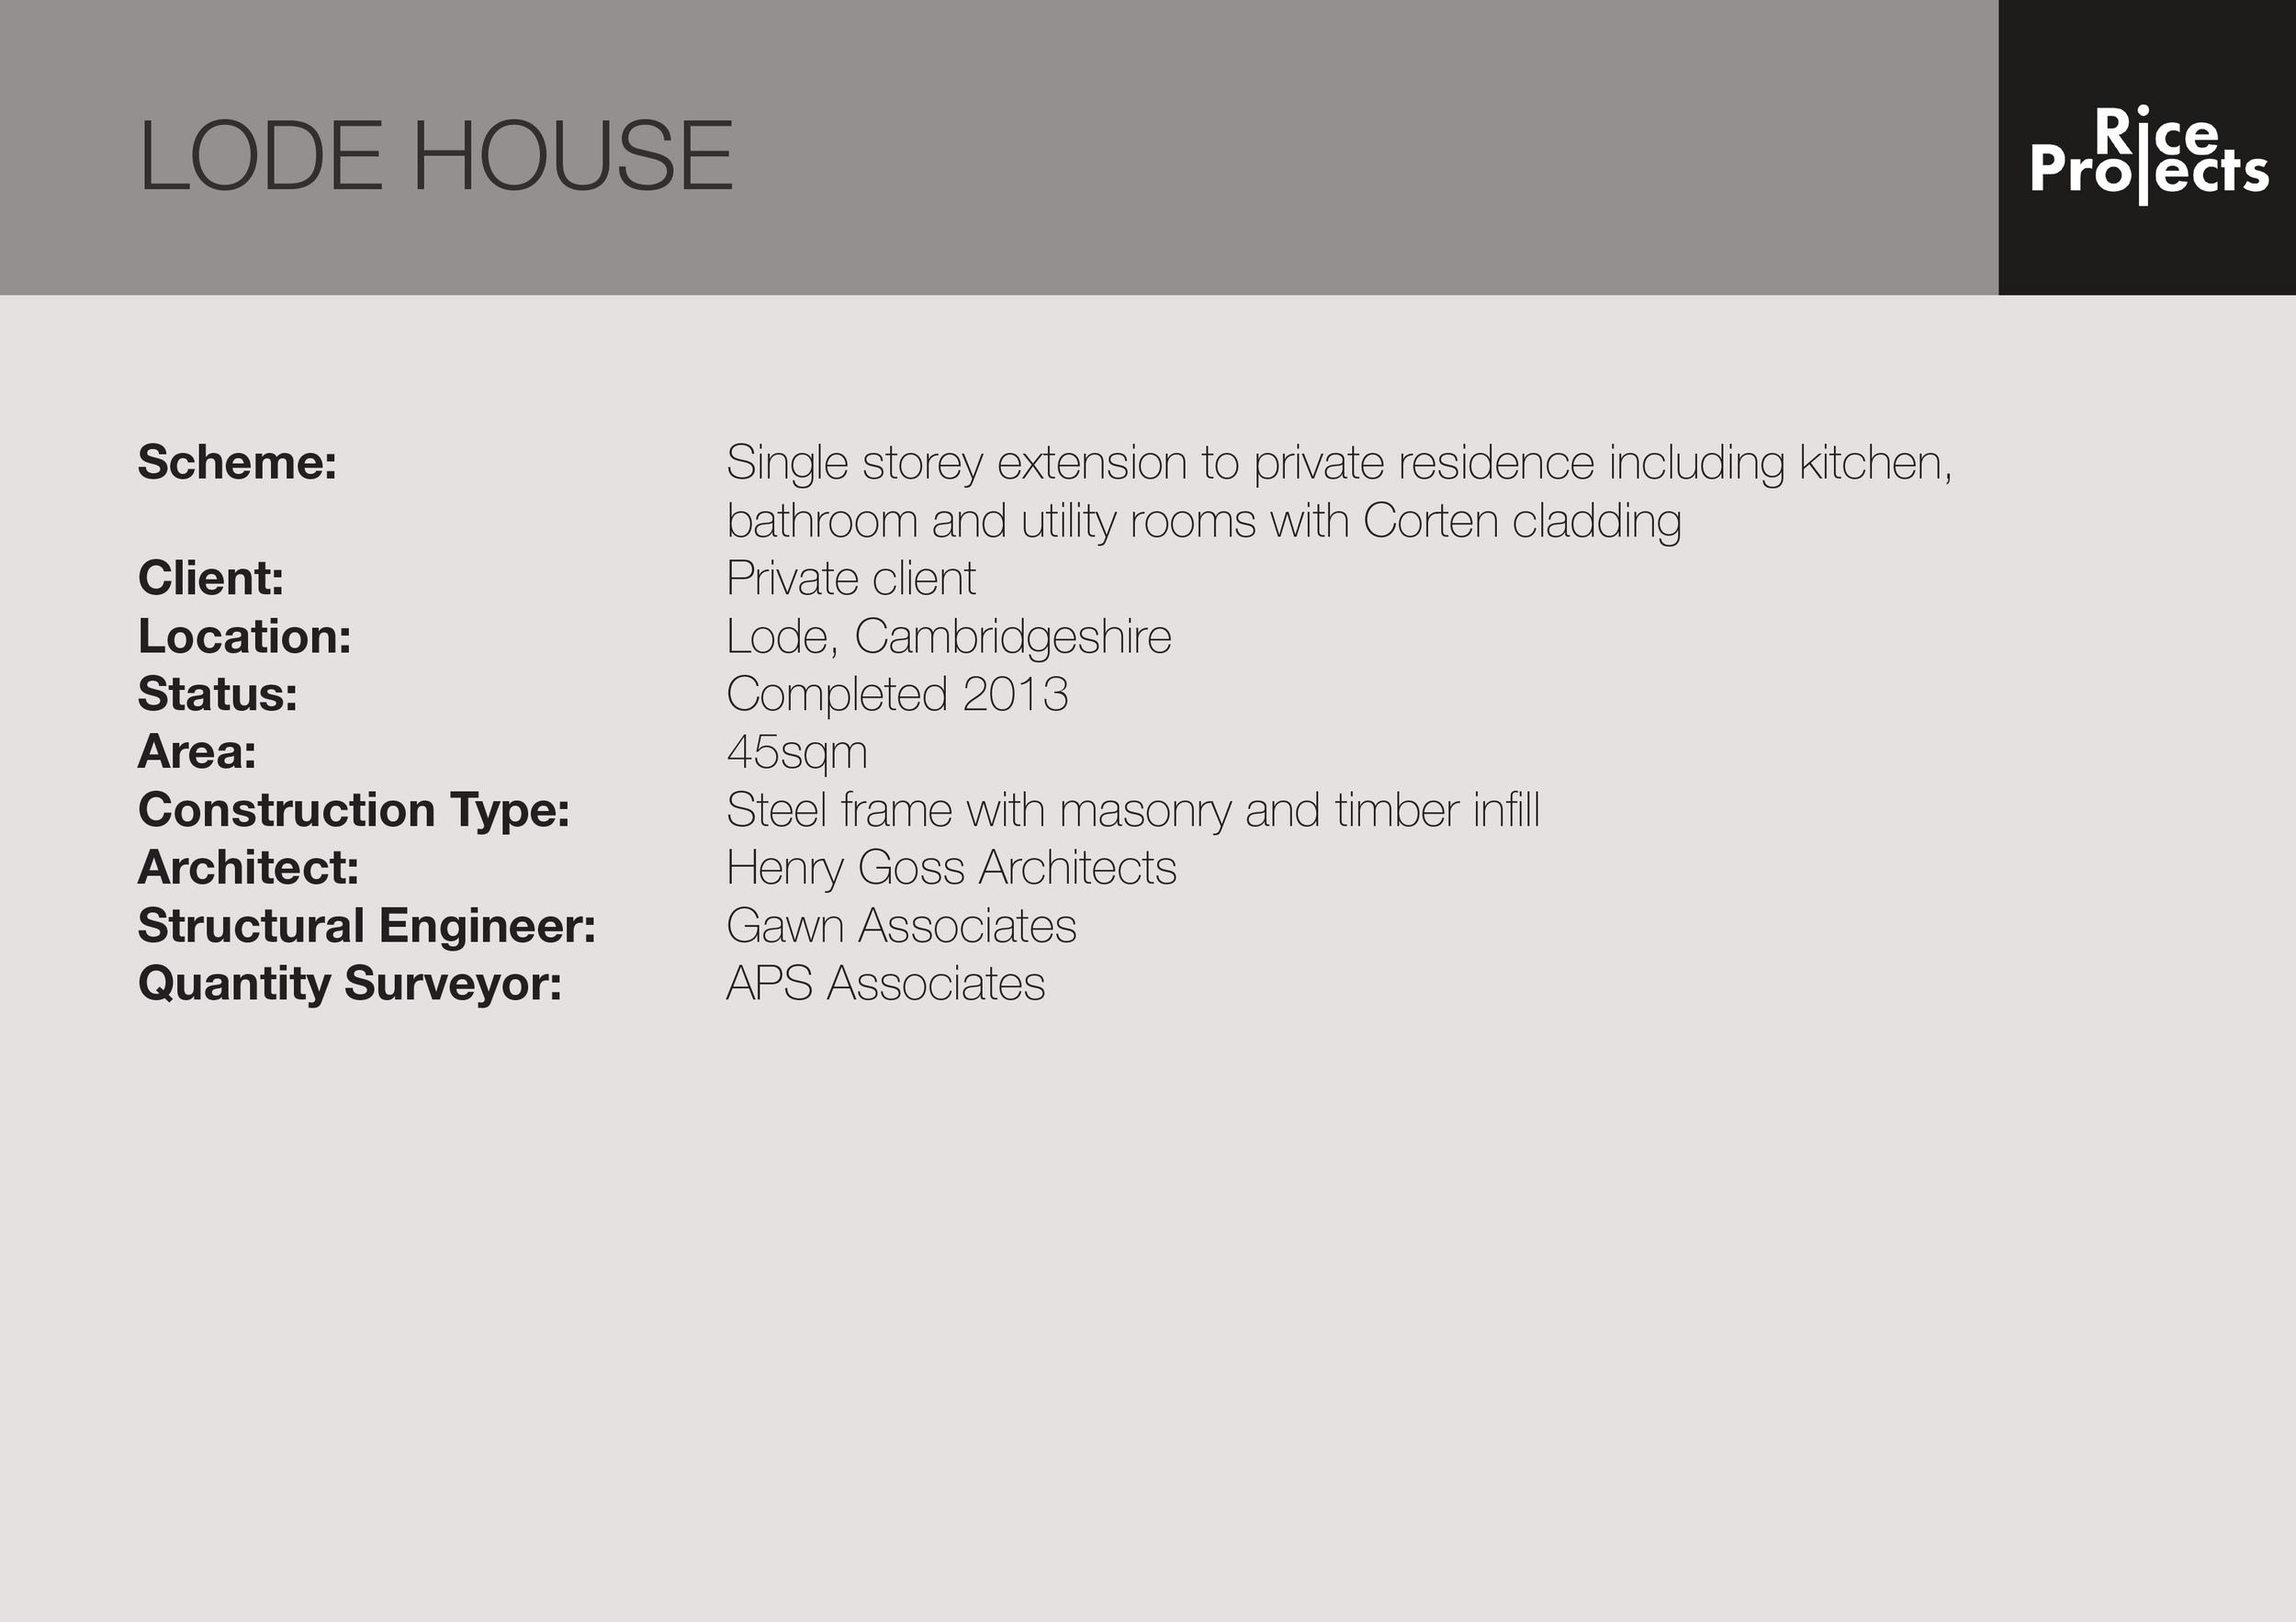 07-LODE HOUSE.jpg